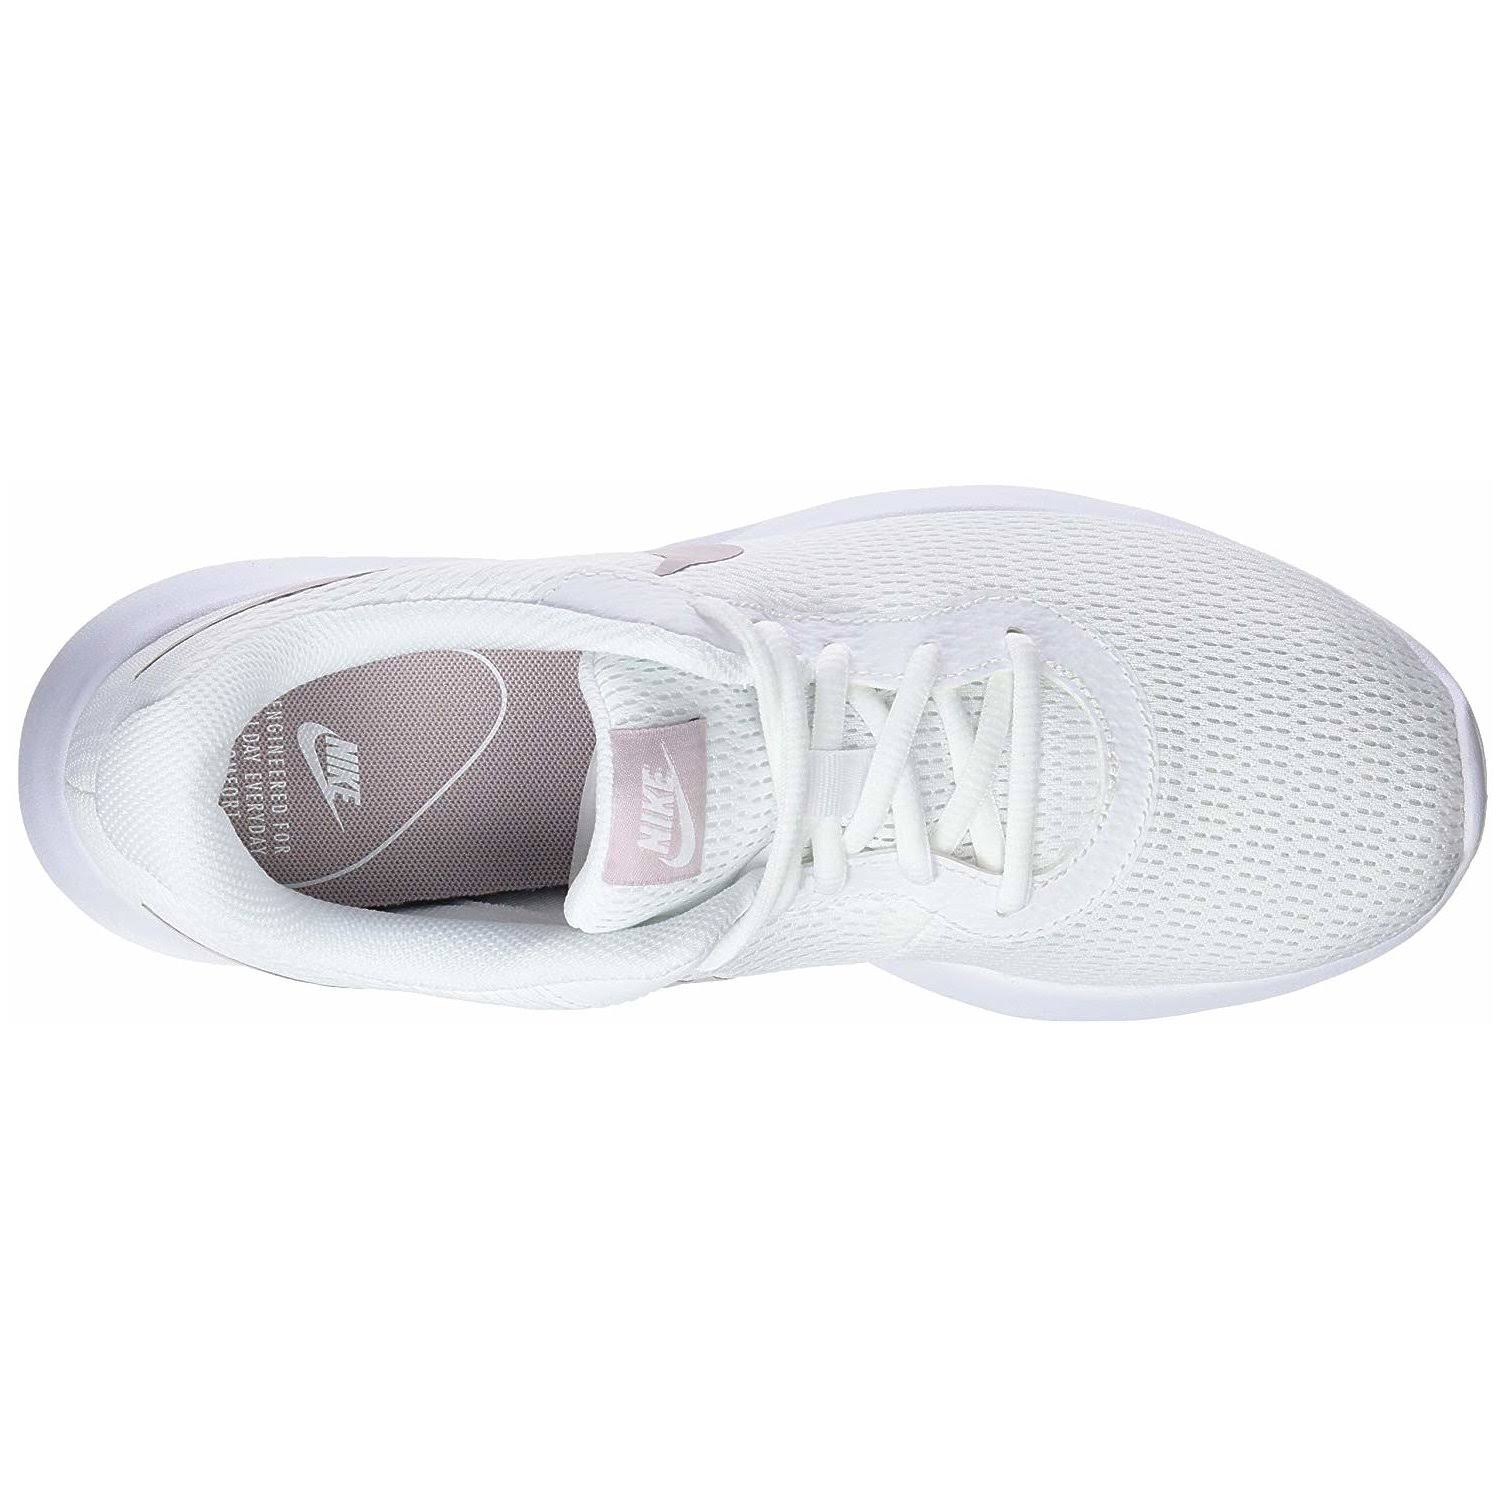 812655 White Shoe Women's 102 Nike Combo Tanjun wzPng